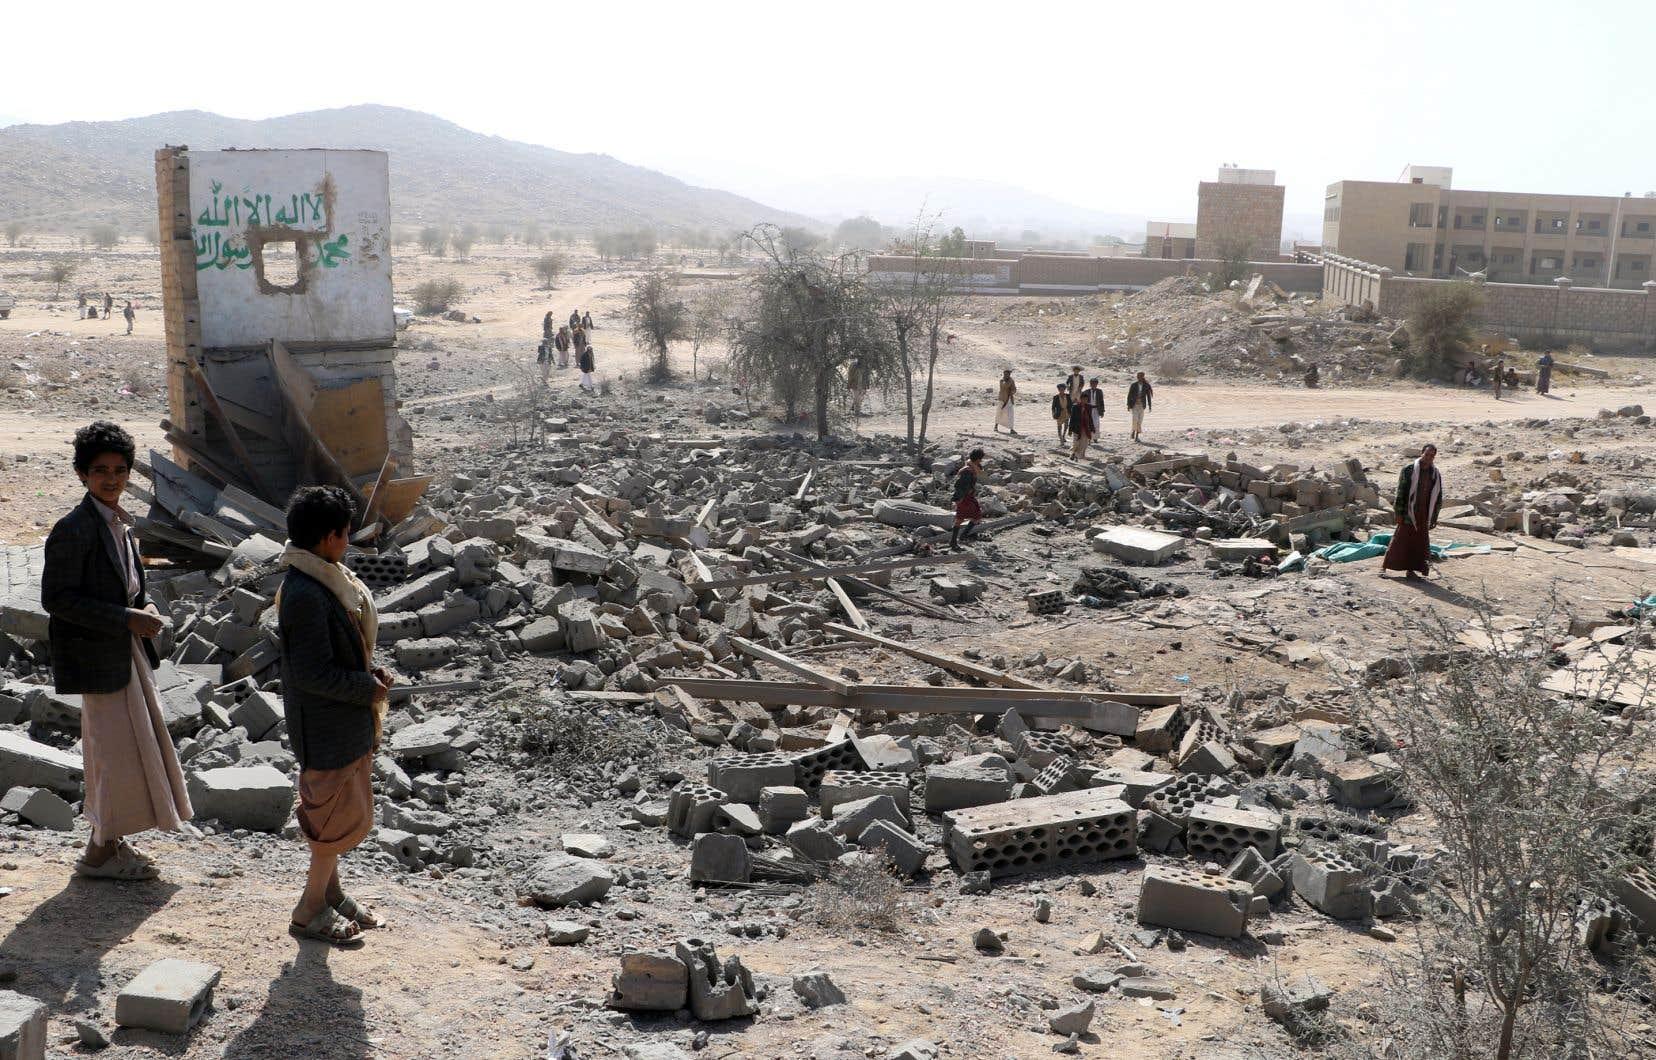 Le Yémen, pays le plus pauvre du Moyen-Orient, est le théâtre d'un conflit qui a fait plus de 9200 morts et près de 53 000 blessés.